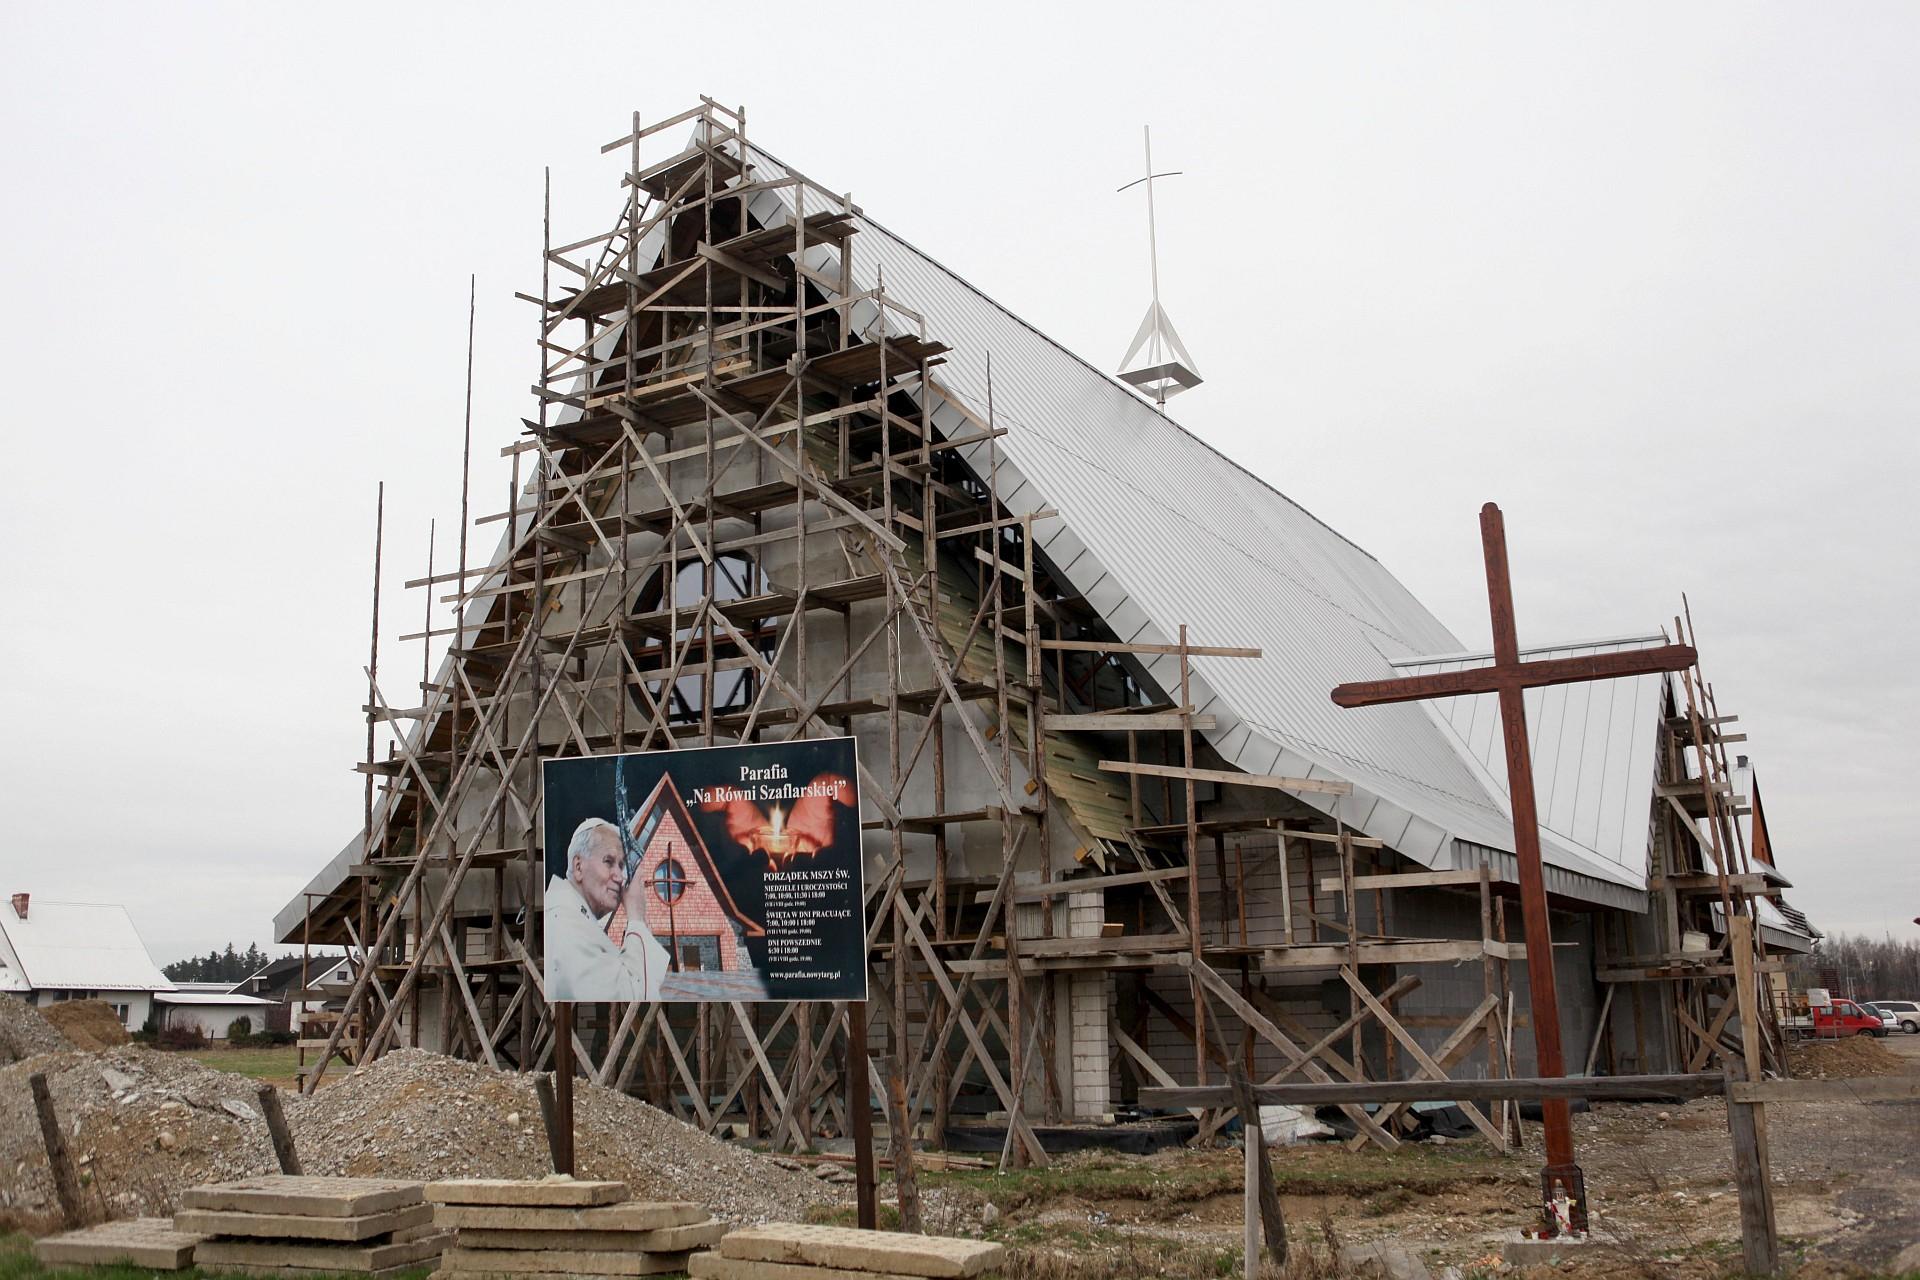 Parafia Na Równi Szaflarskiej